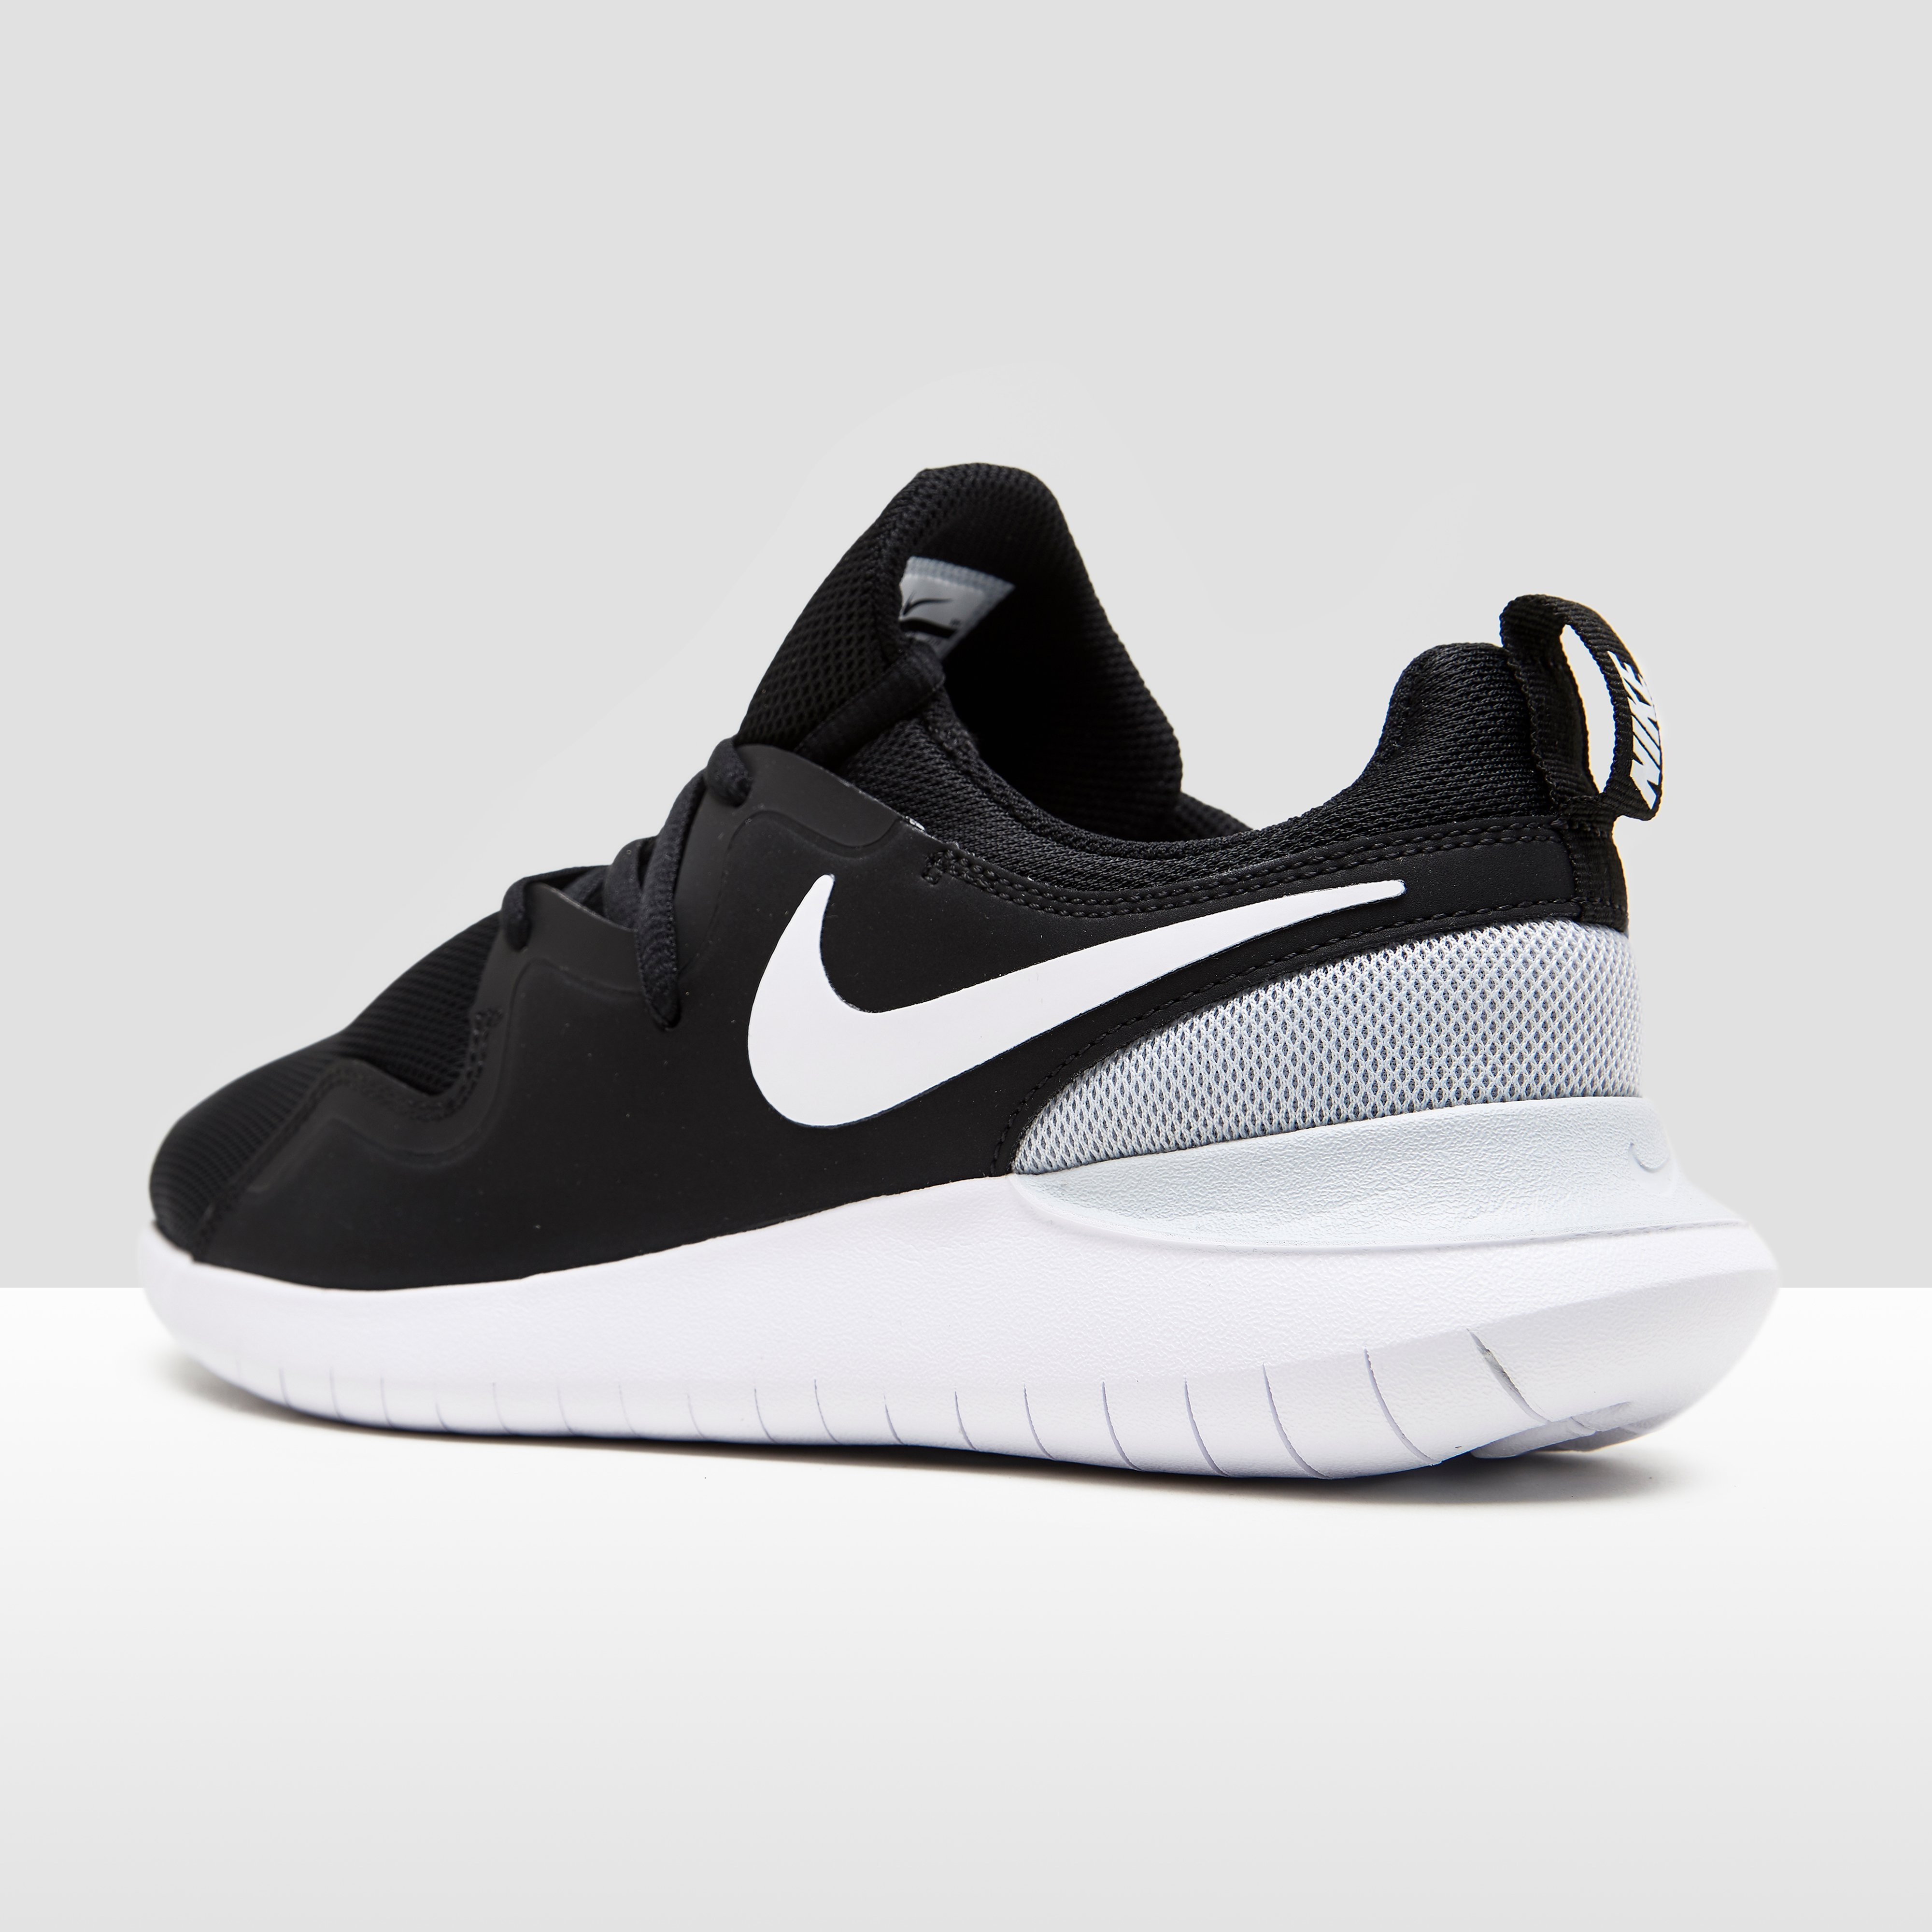 Nike Sneakers Femme Tessen myQTwV1aL